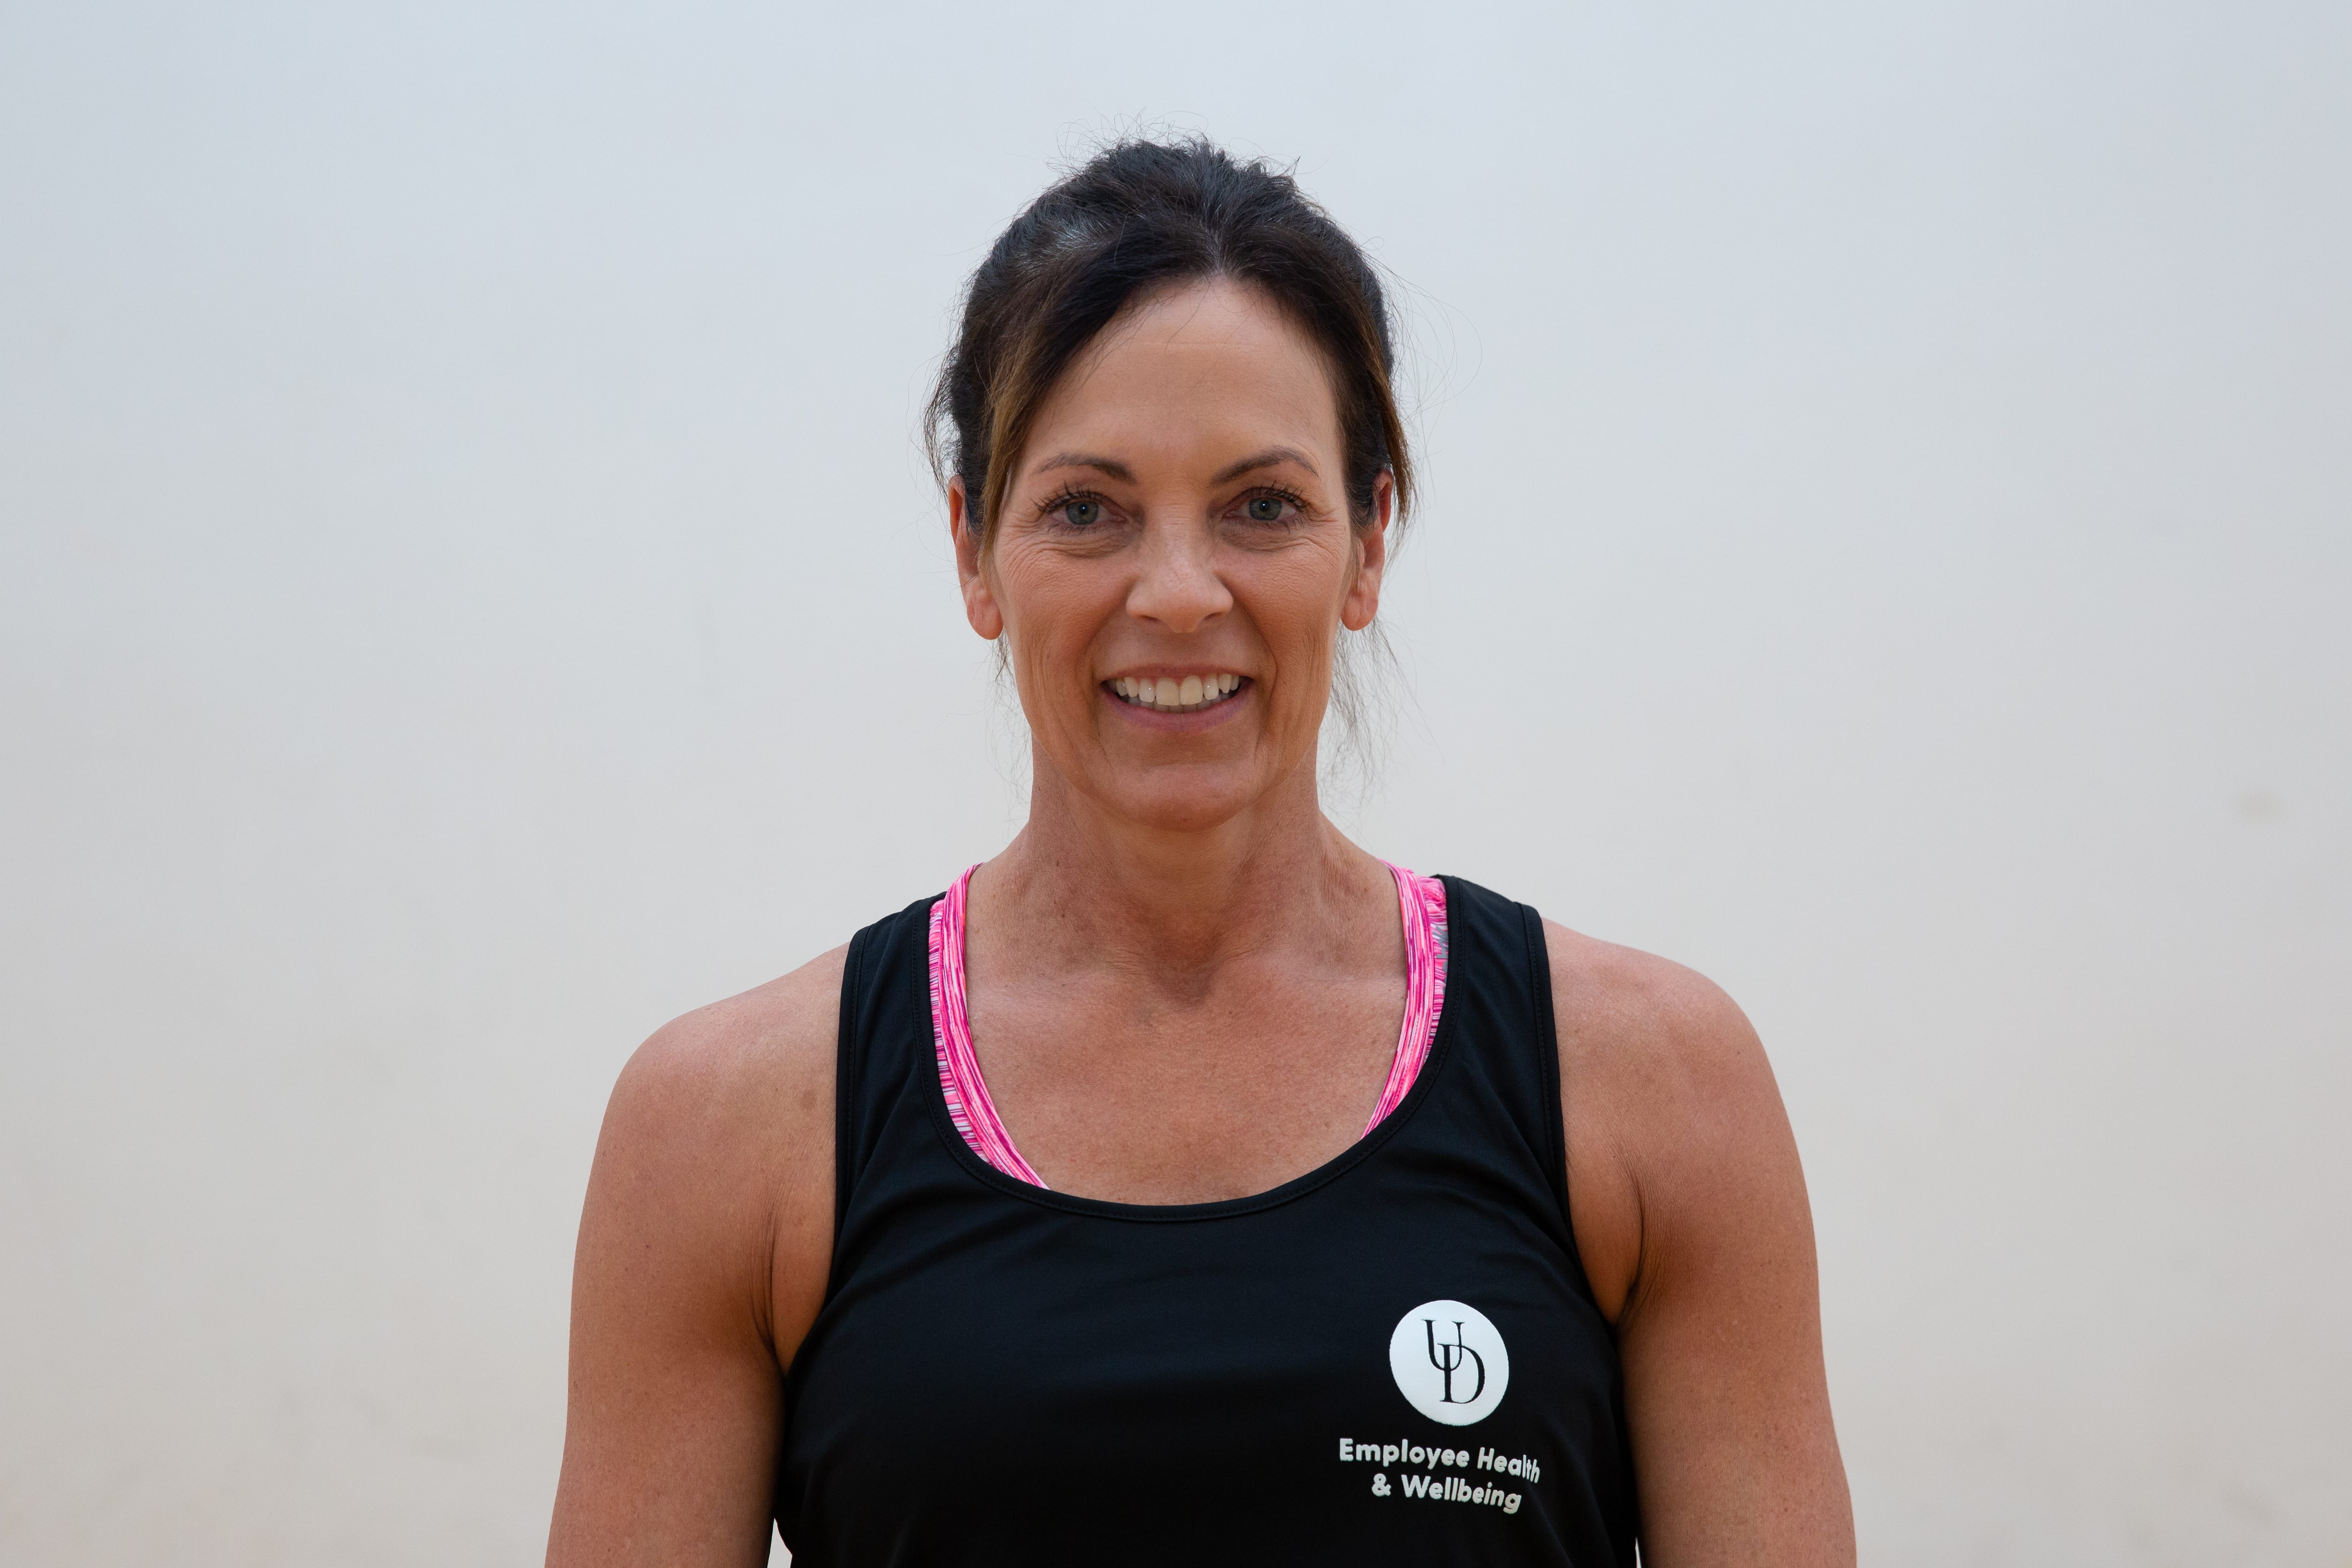 Gina Reich